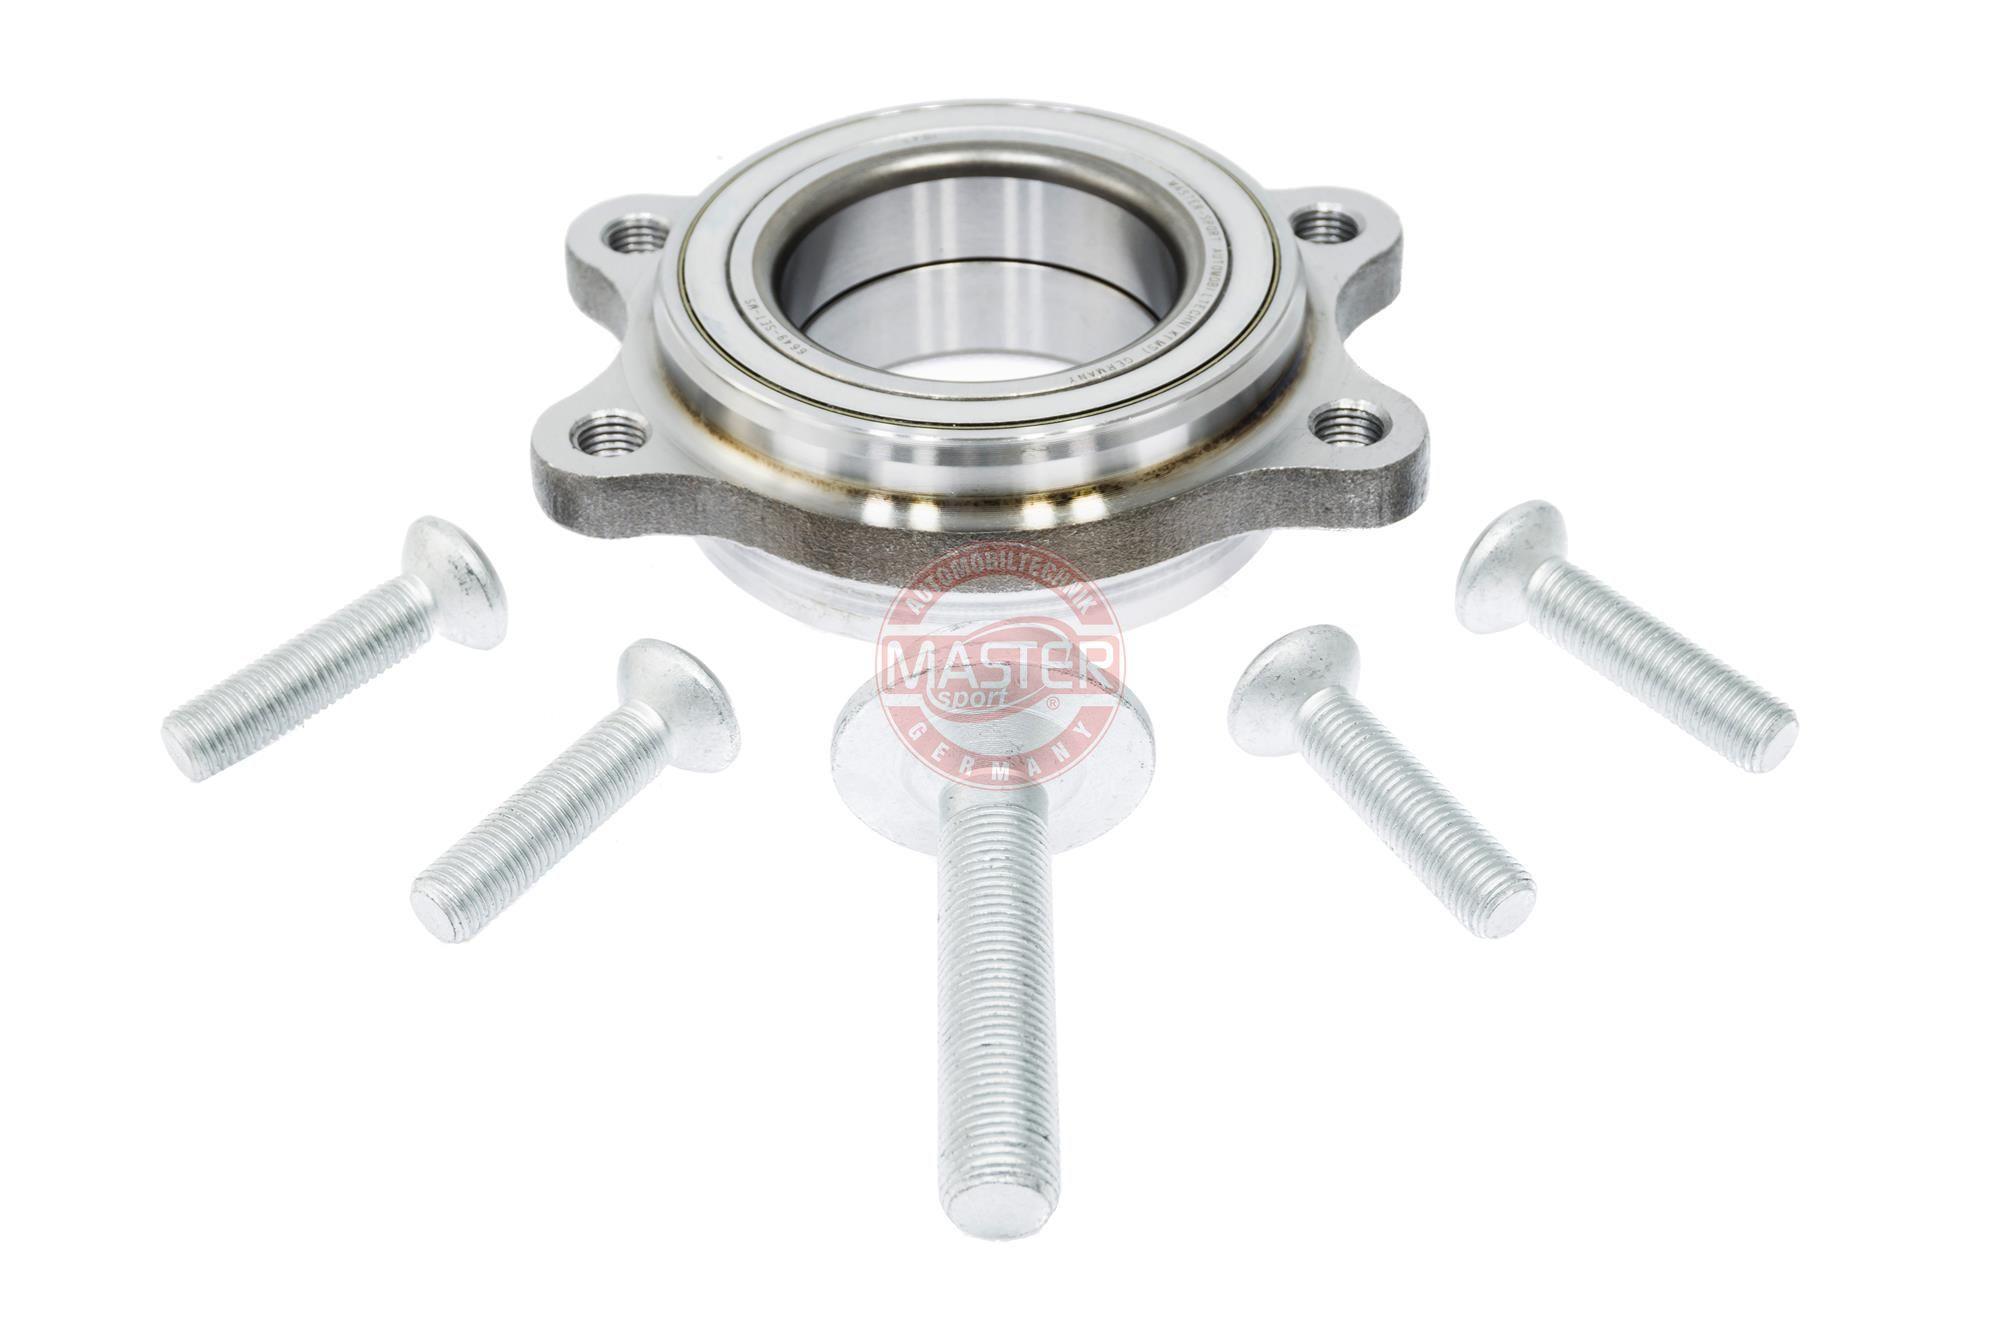 Achetez Roulements MASTER-SPORT 6649-SET-MS (Diamètre intérieur: 61mm) à un rapport qualité-prix exceptionnel